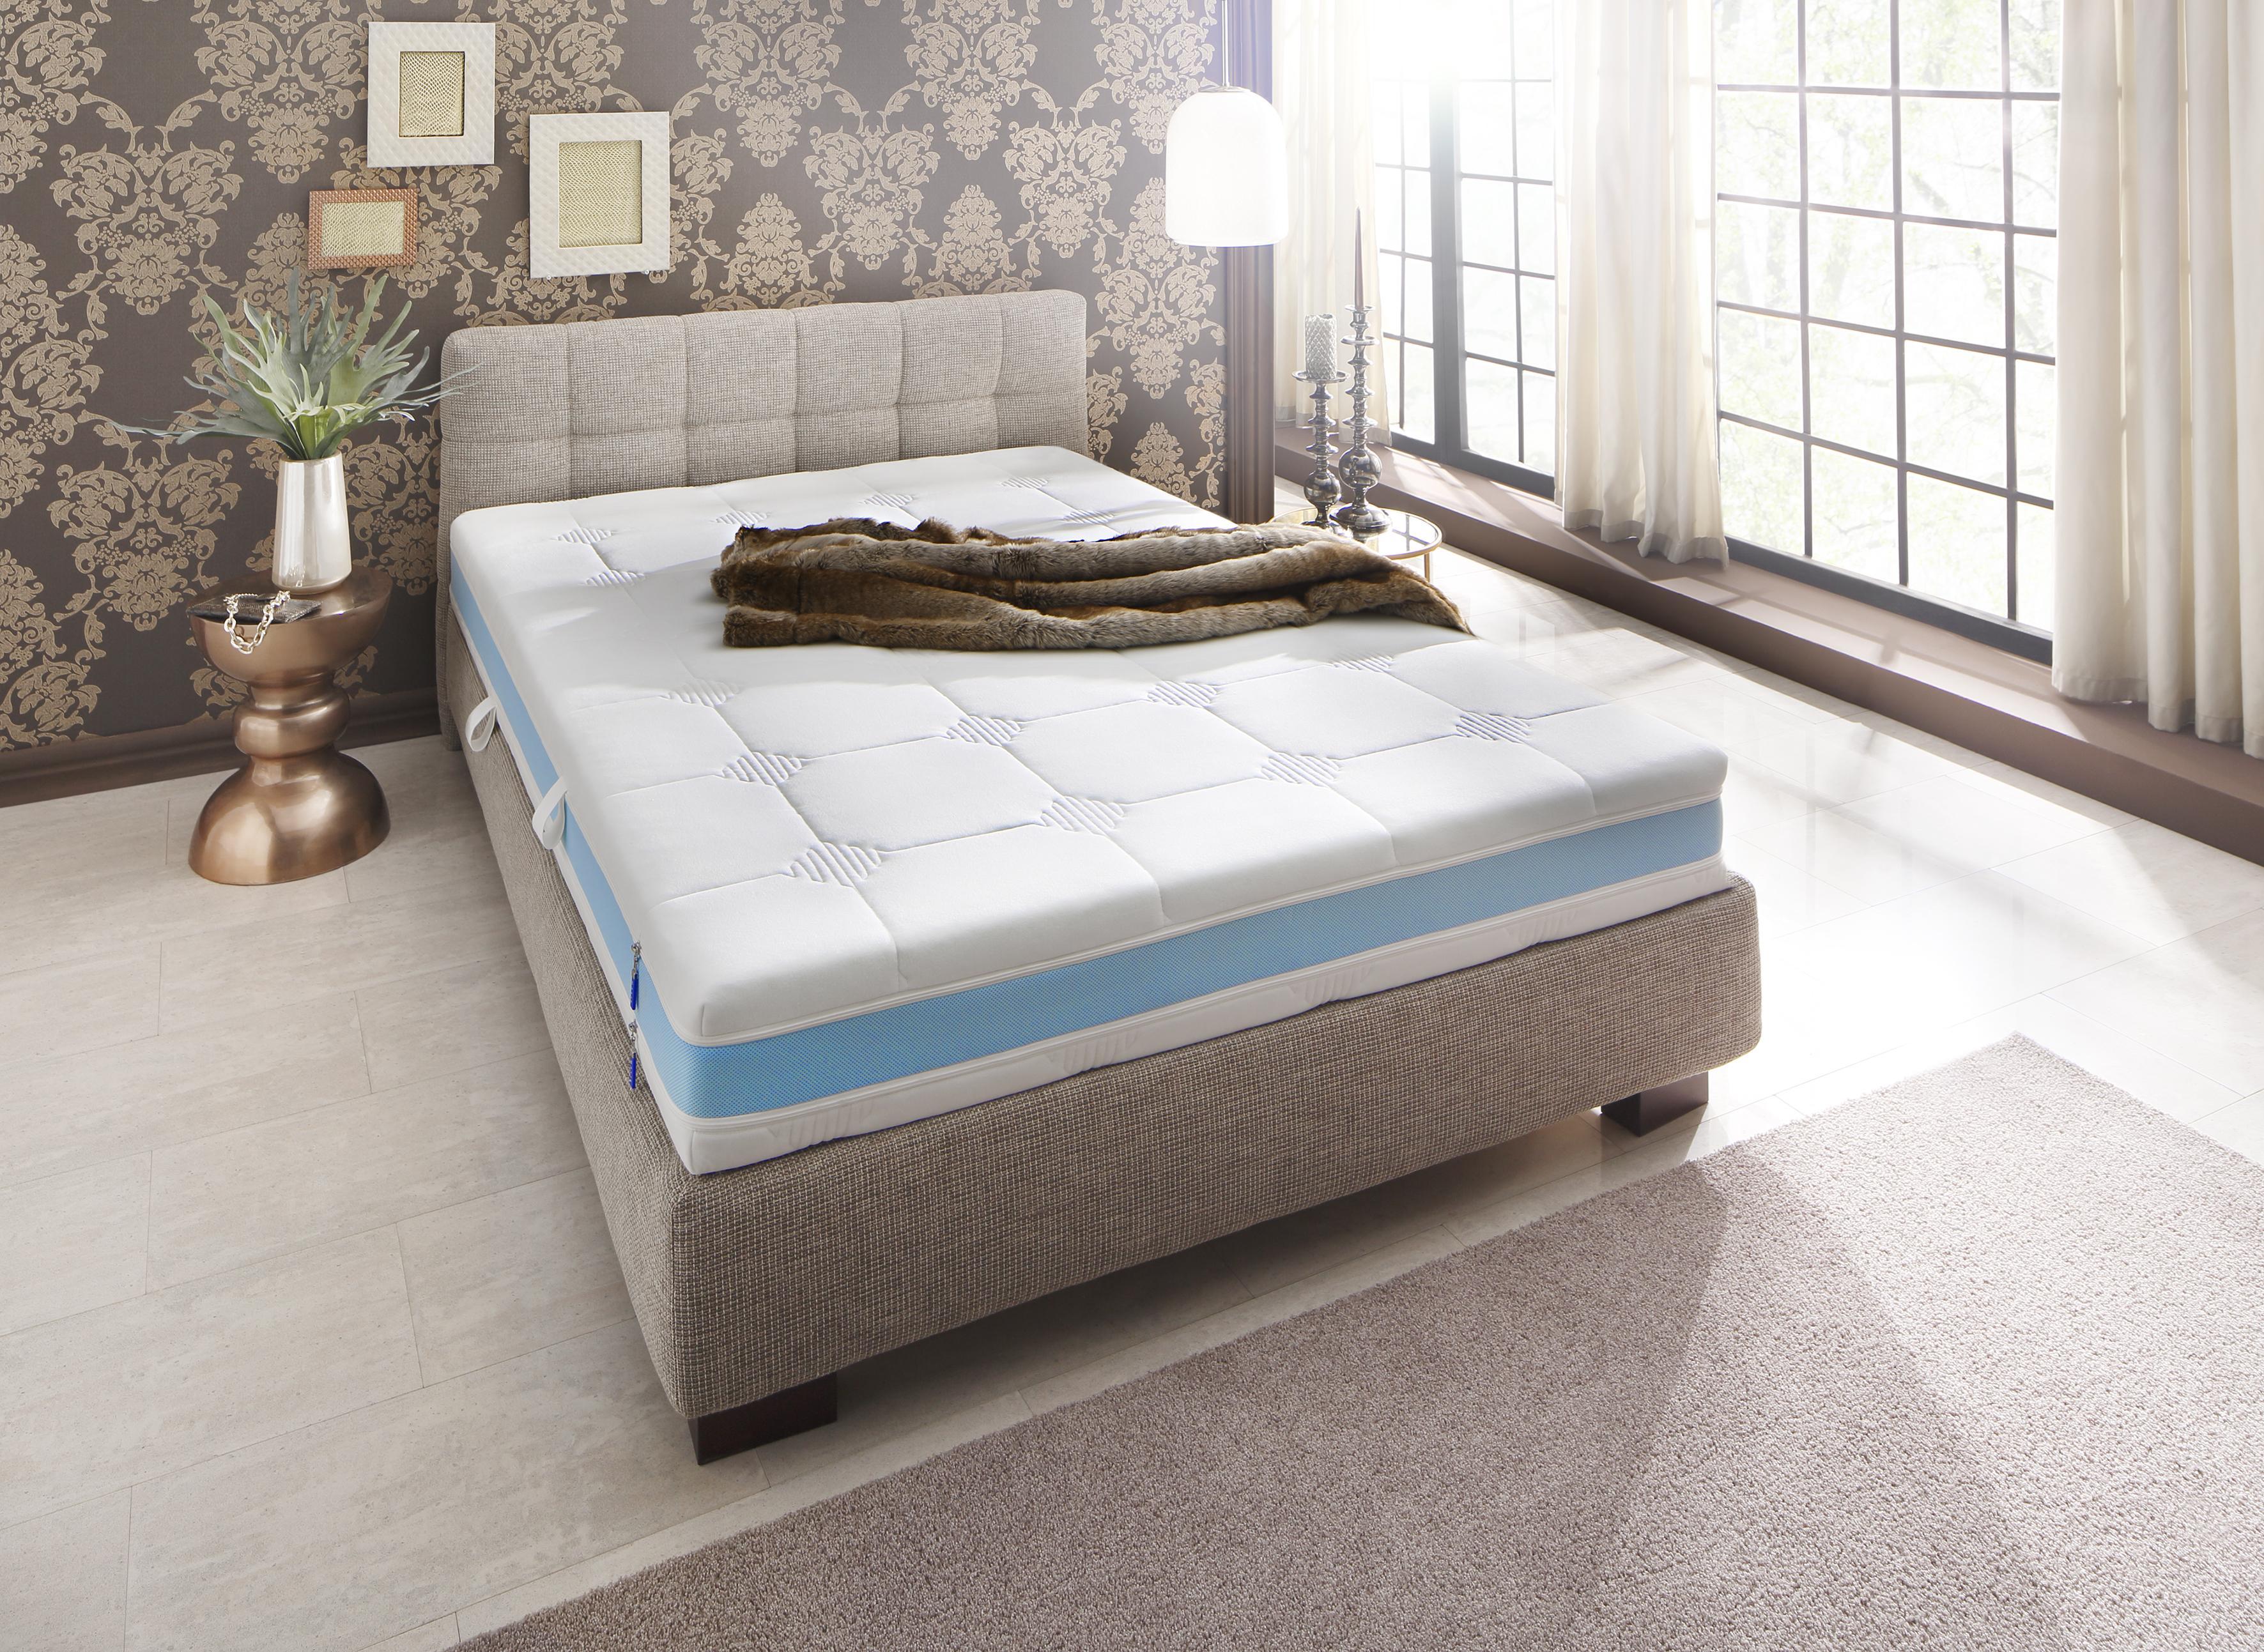 metallbett 140x200 preisvergleich die besten angebote. Black Bedroom Furniture Sets. Home Design Ideas